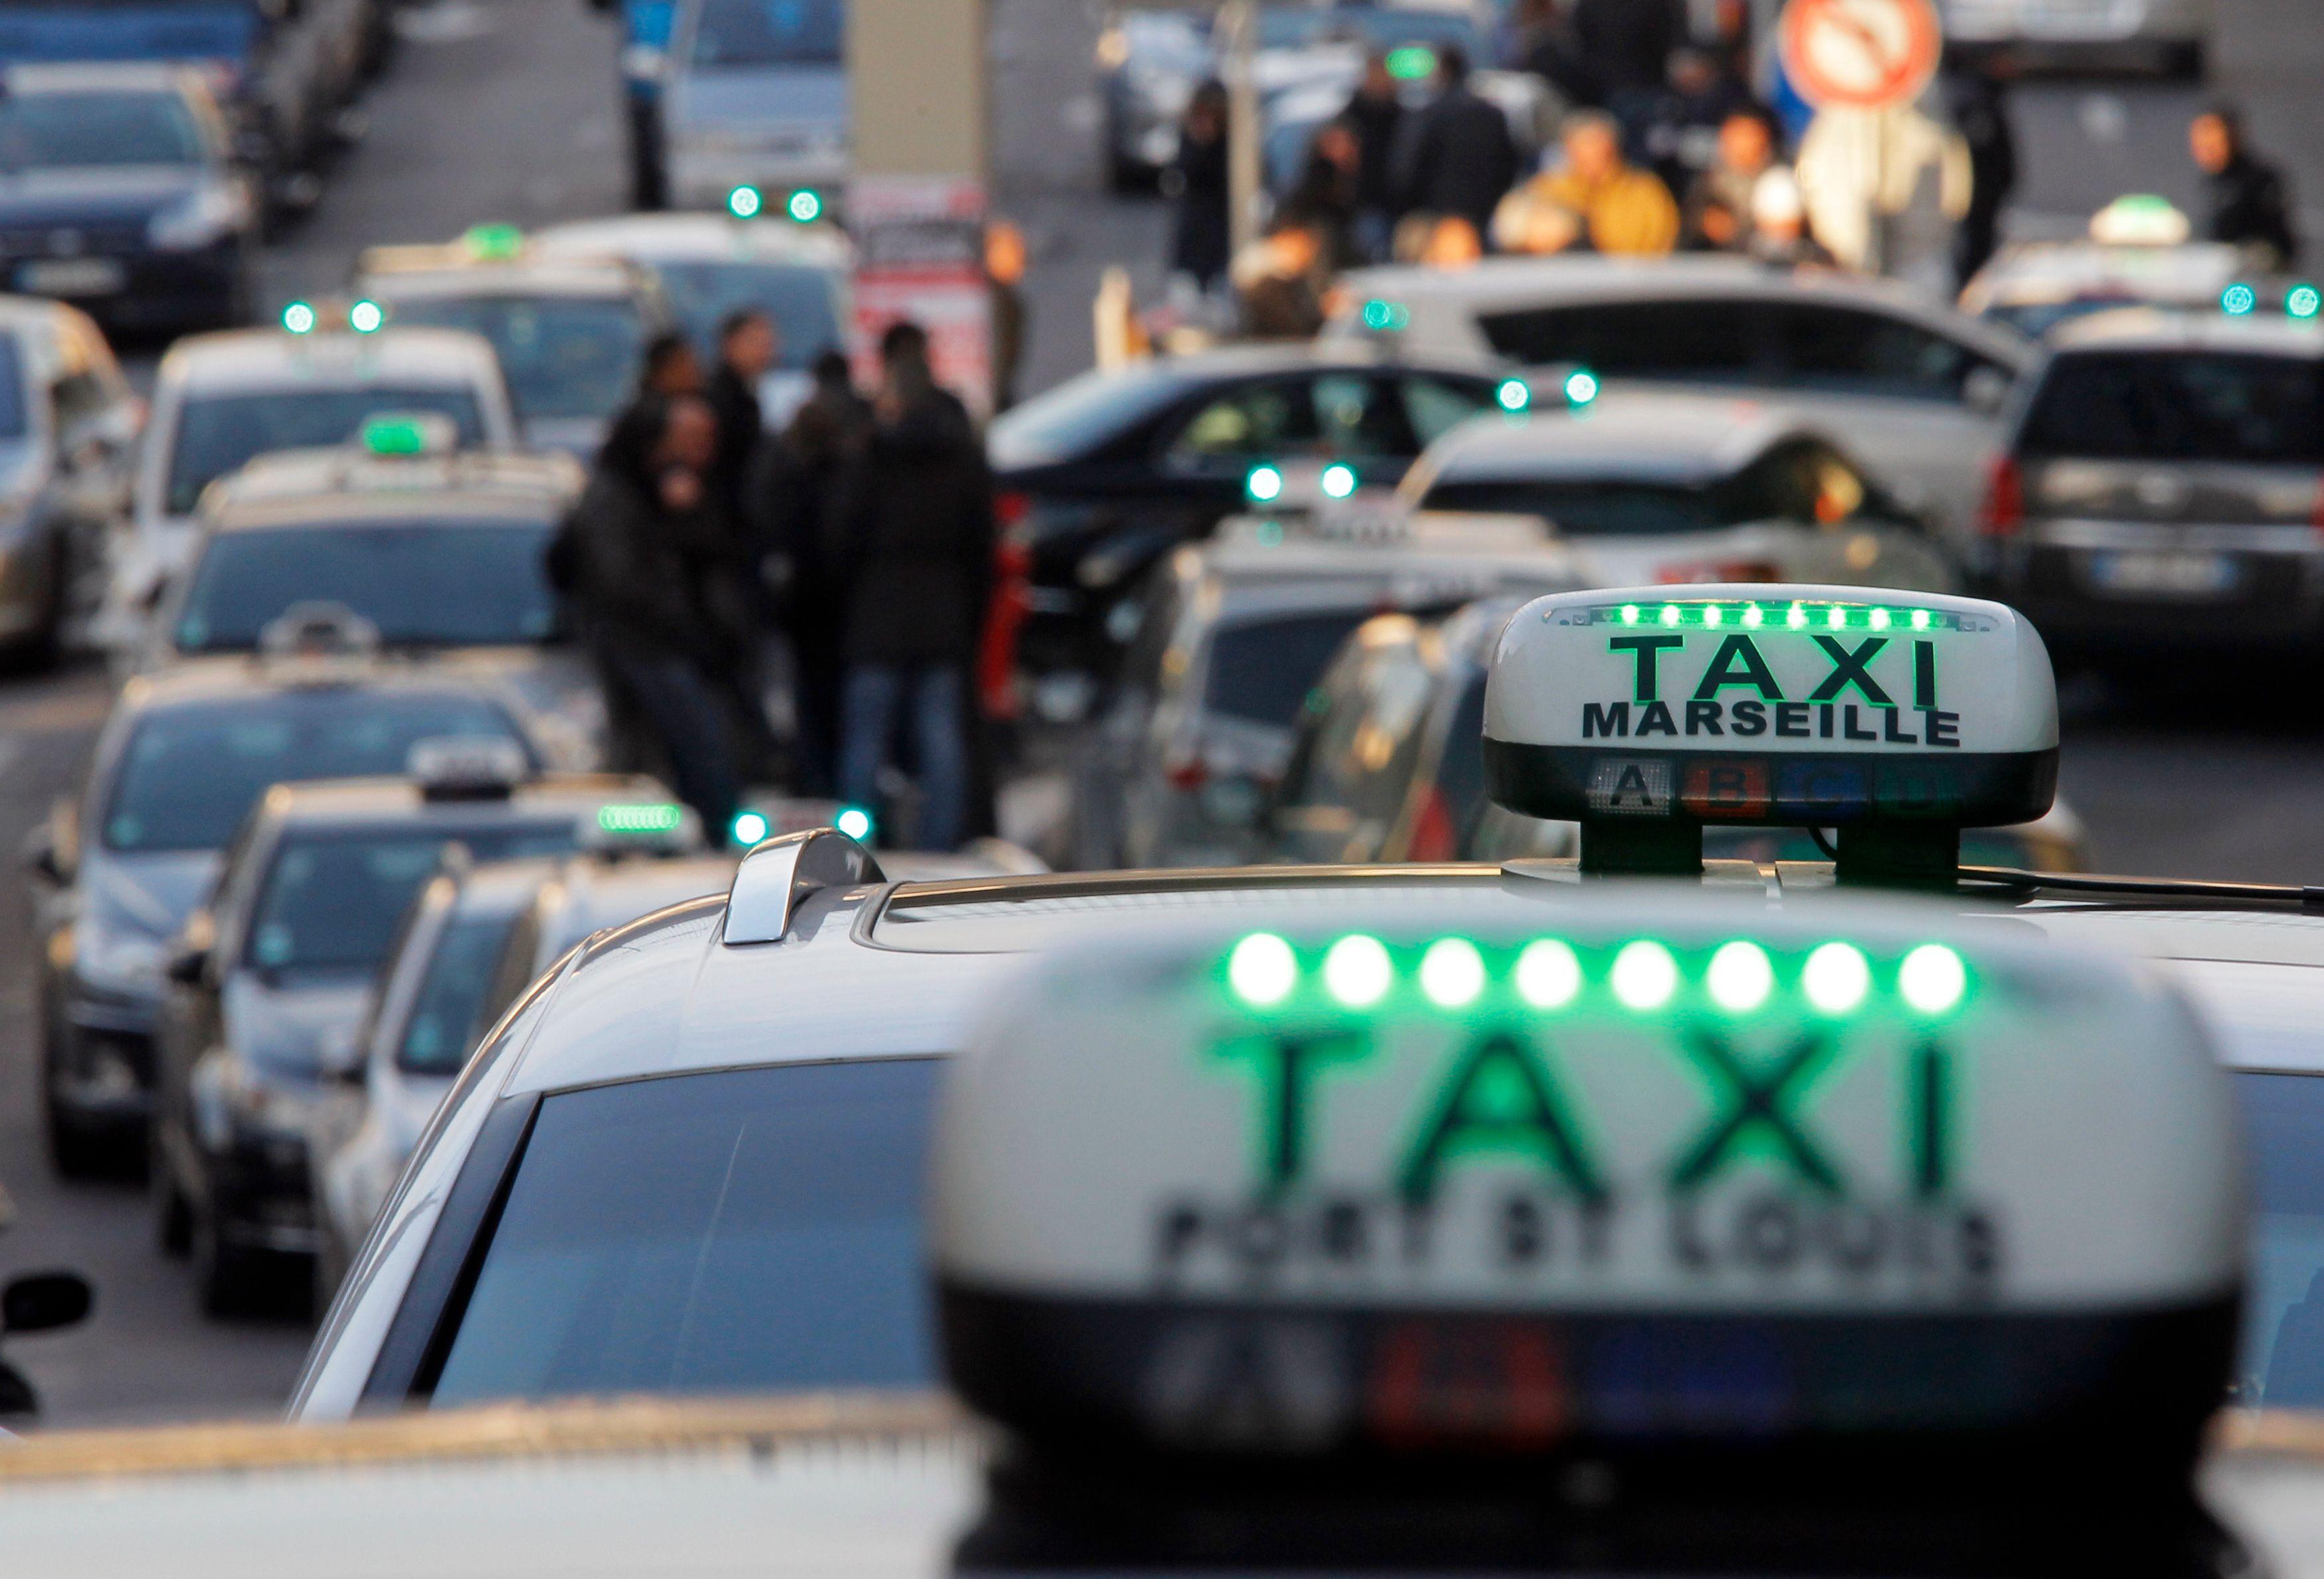 Grève des taxis à Paris : ilsdénoncent la concurrence des VTC